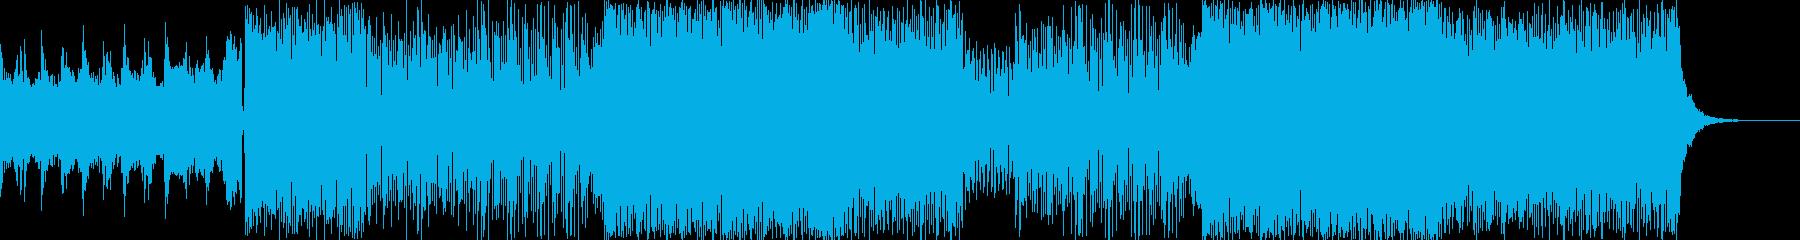 ロック テクノの壮快なサウンド。ダークの再生済みの波形